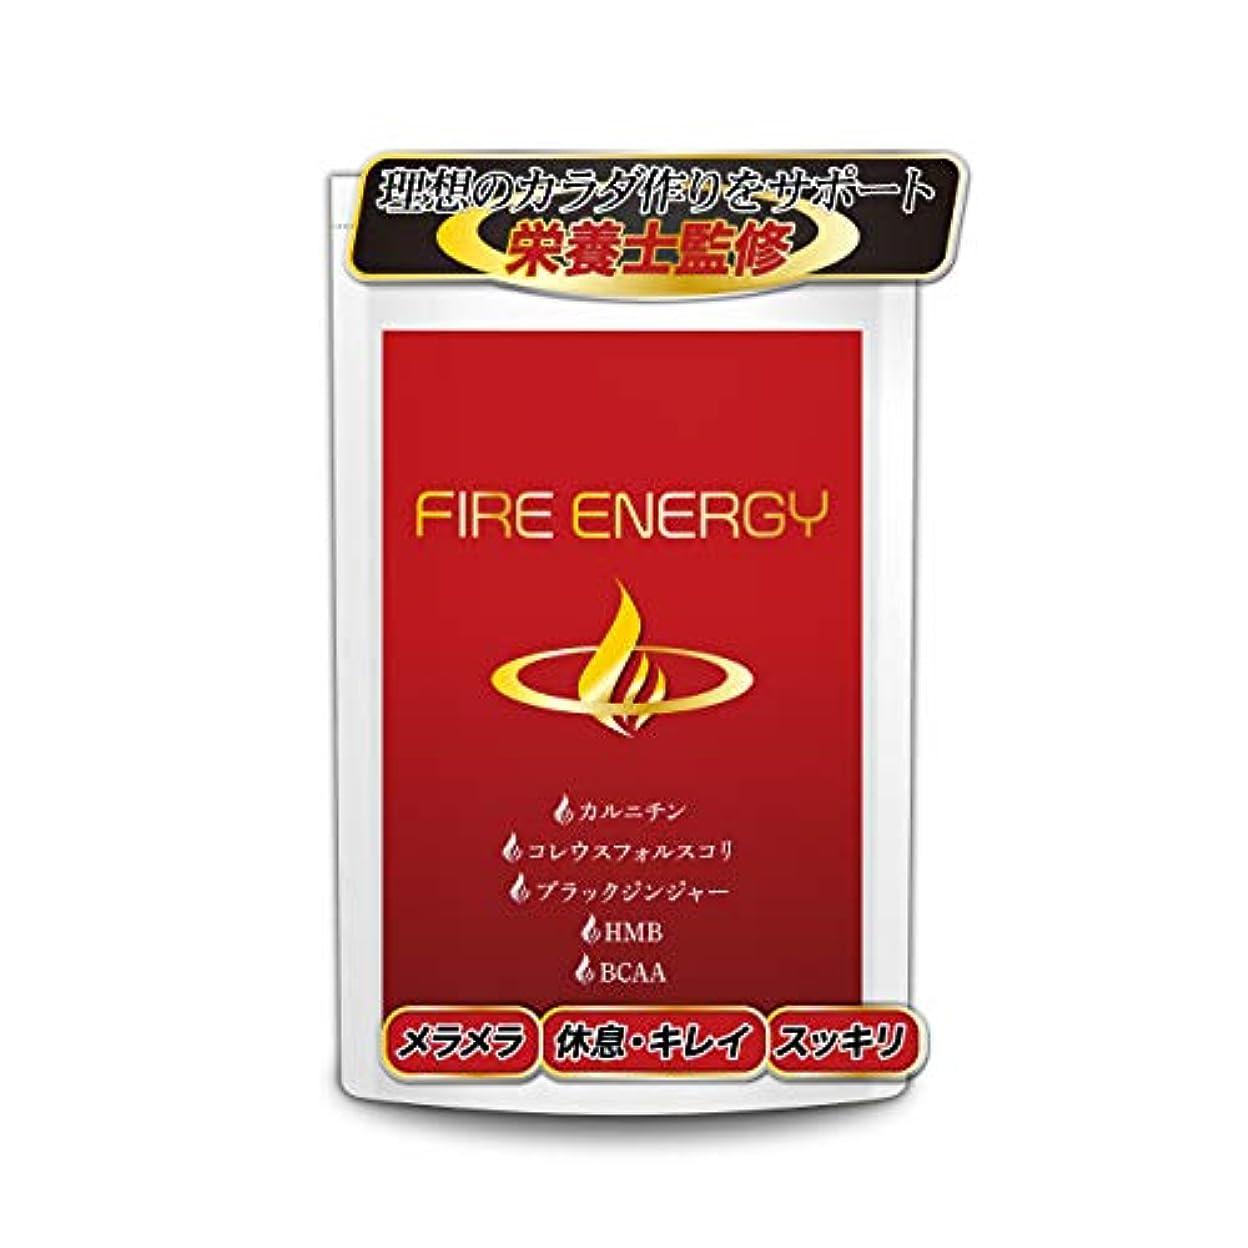 結果海軍基礎理論FIRE ENERGY ダイエット サプリ 燃焼 HMB BCAA サプリメント(30日分60粒入り)